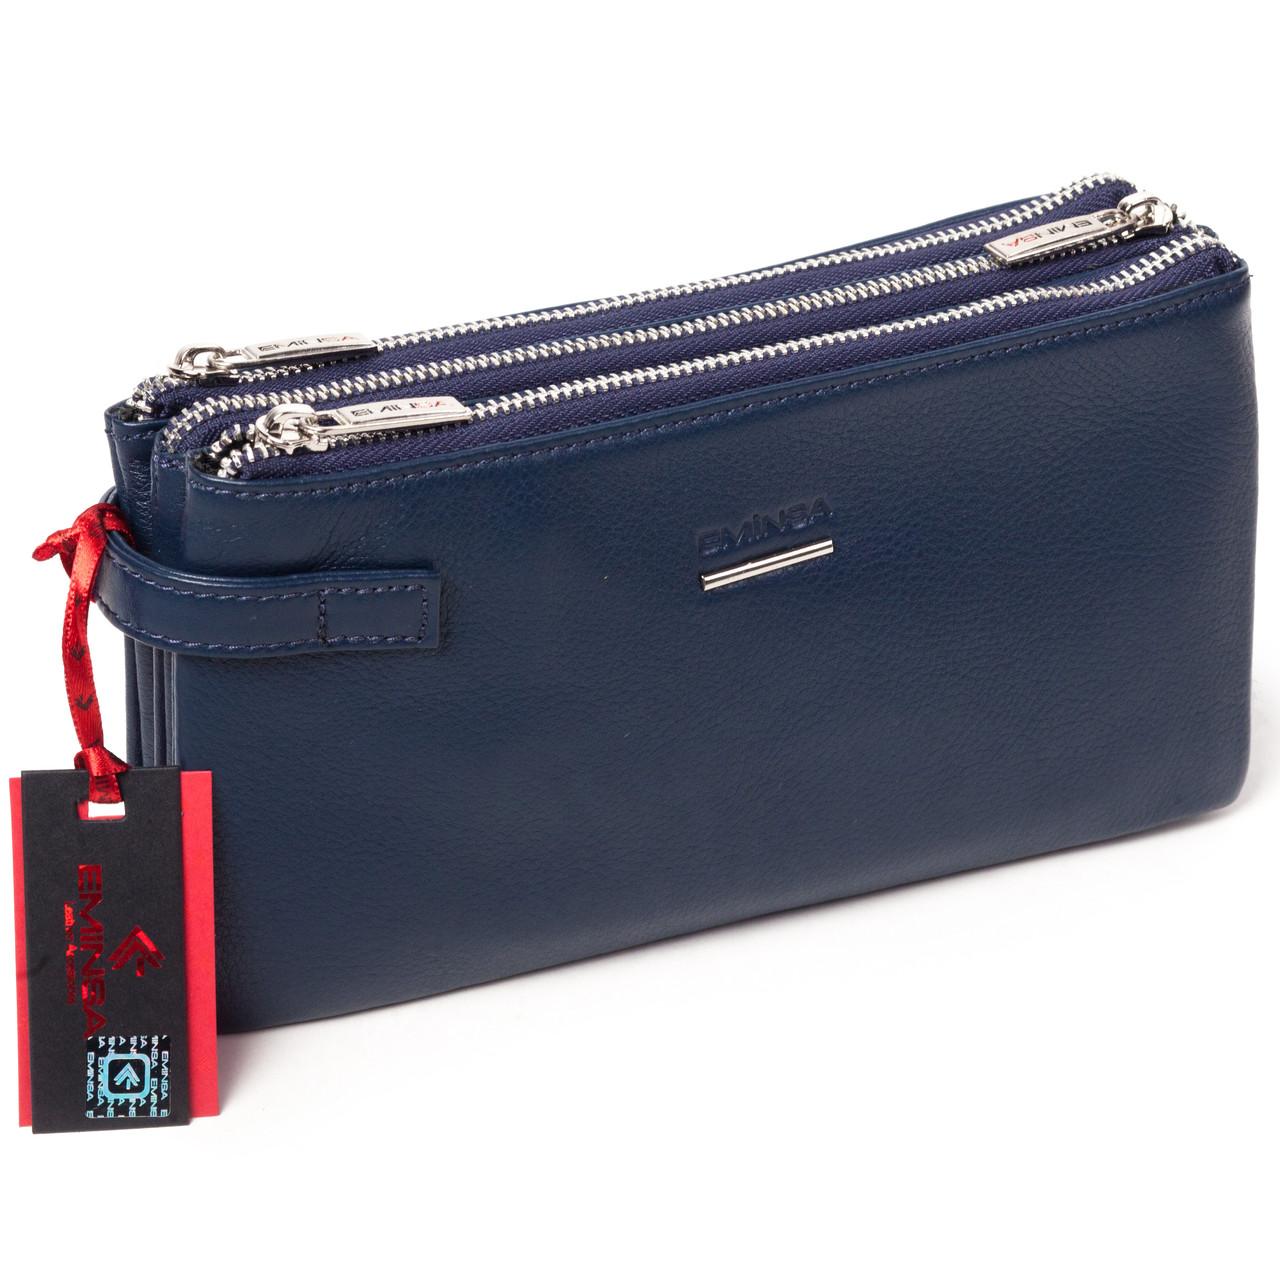 Мужская сумка барсетка кожаная синяя Eminsa 5095-12-19